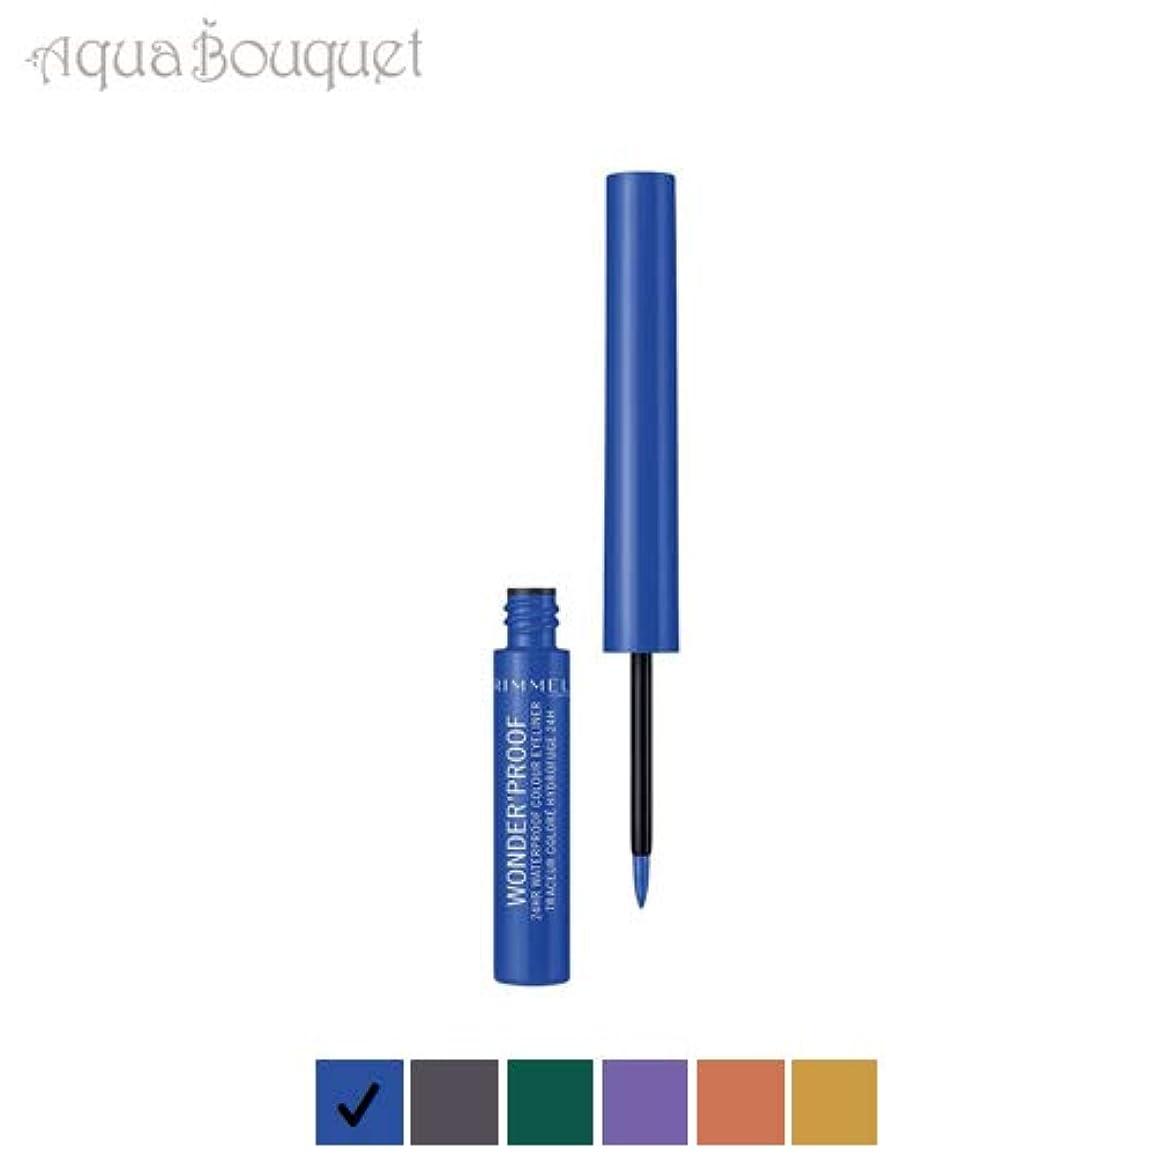 細い乳白ペンダントリンメル ワンダープルーフ アイライナー ウォータープルーフ ピュア ブルー (05 PURE BLUE) RIMMEL WONDER'PROOF 24HR WP EYEL [並行輸入品]